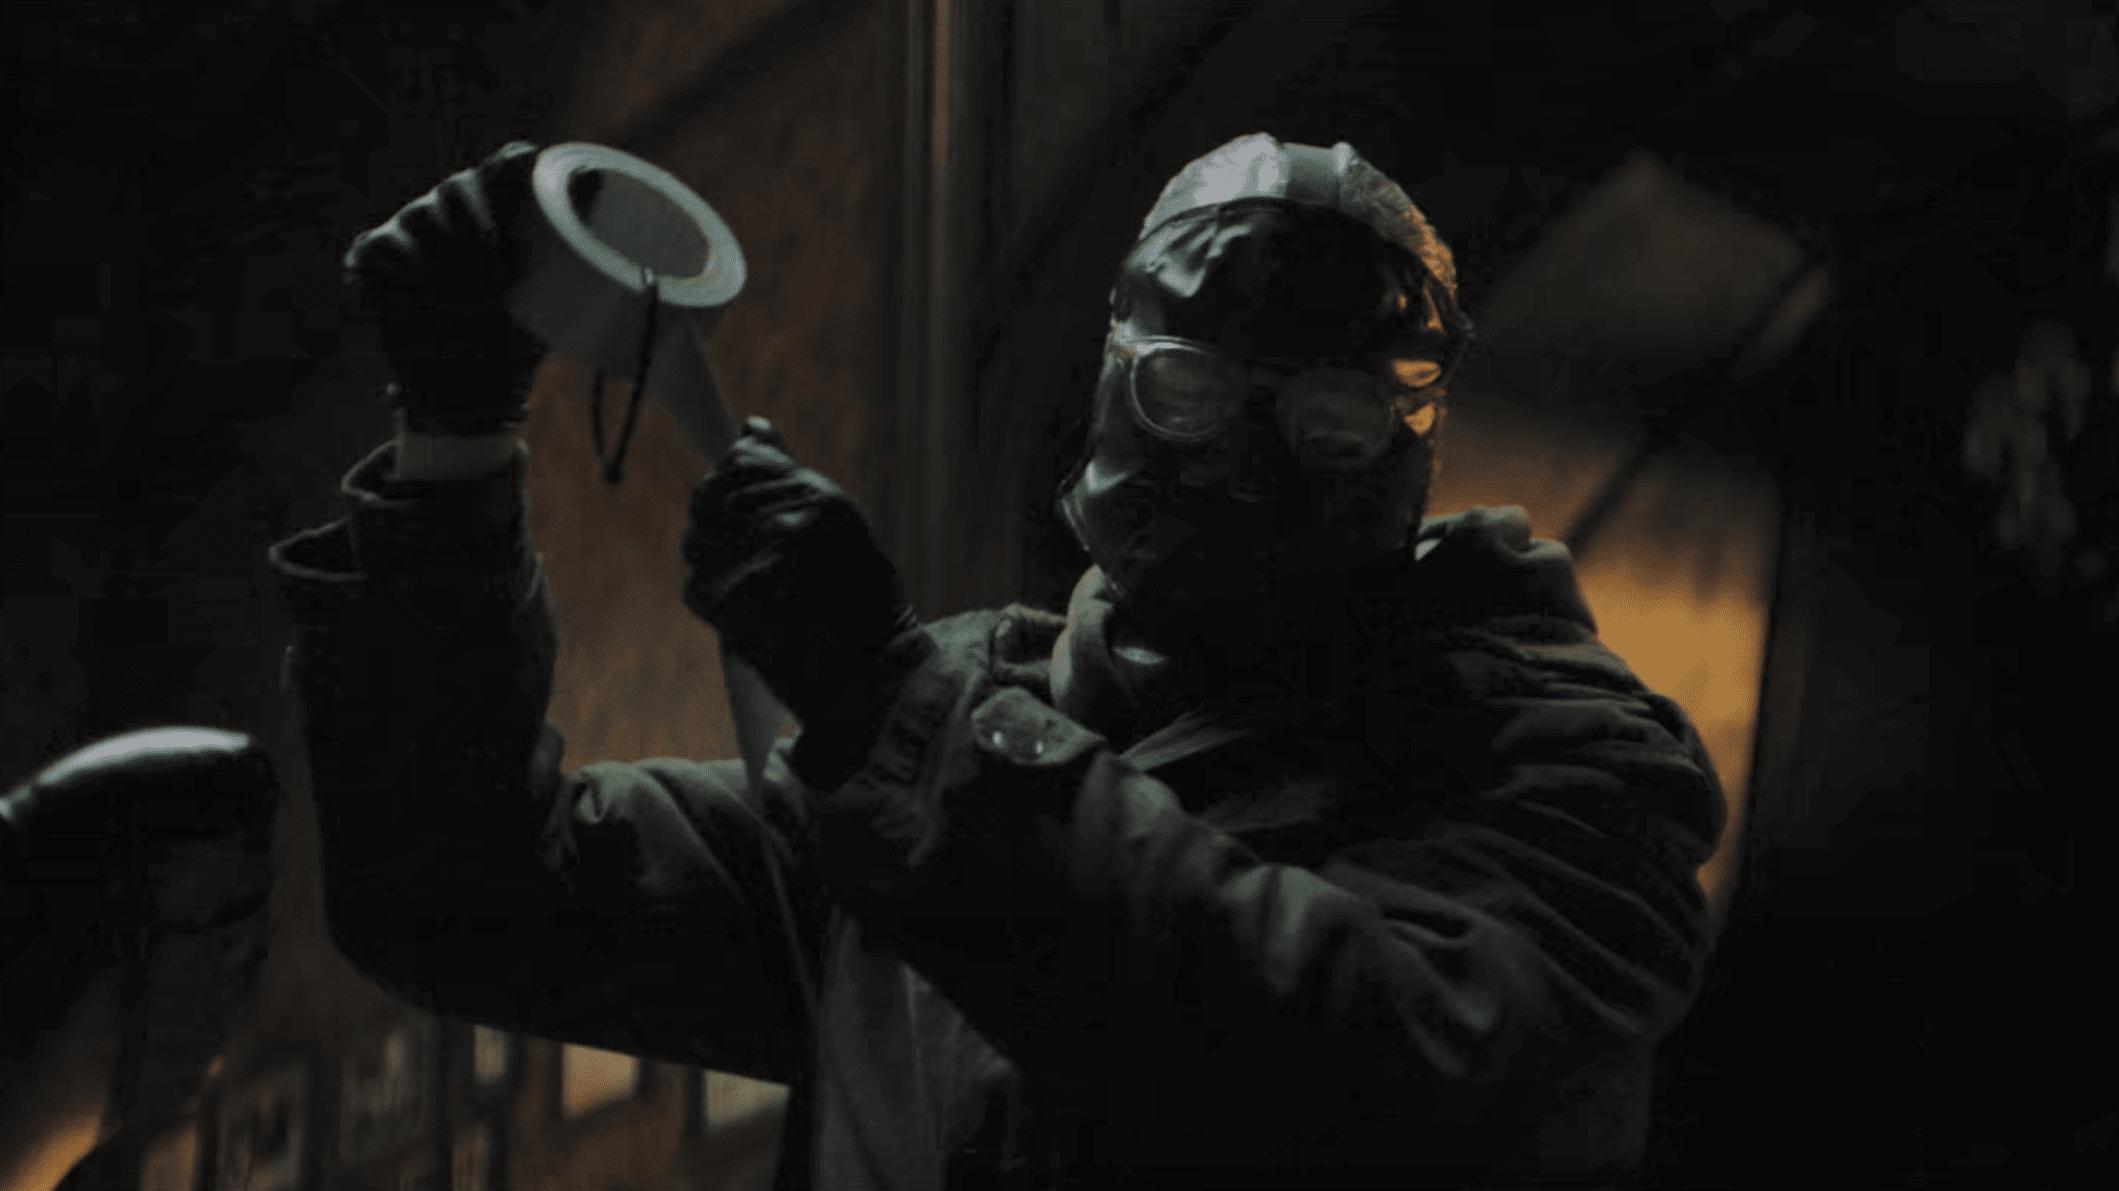 Paul Dano as The Riddler